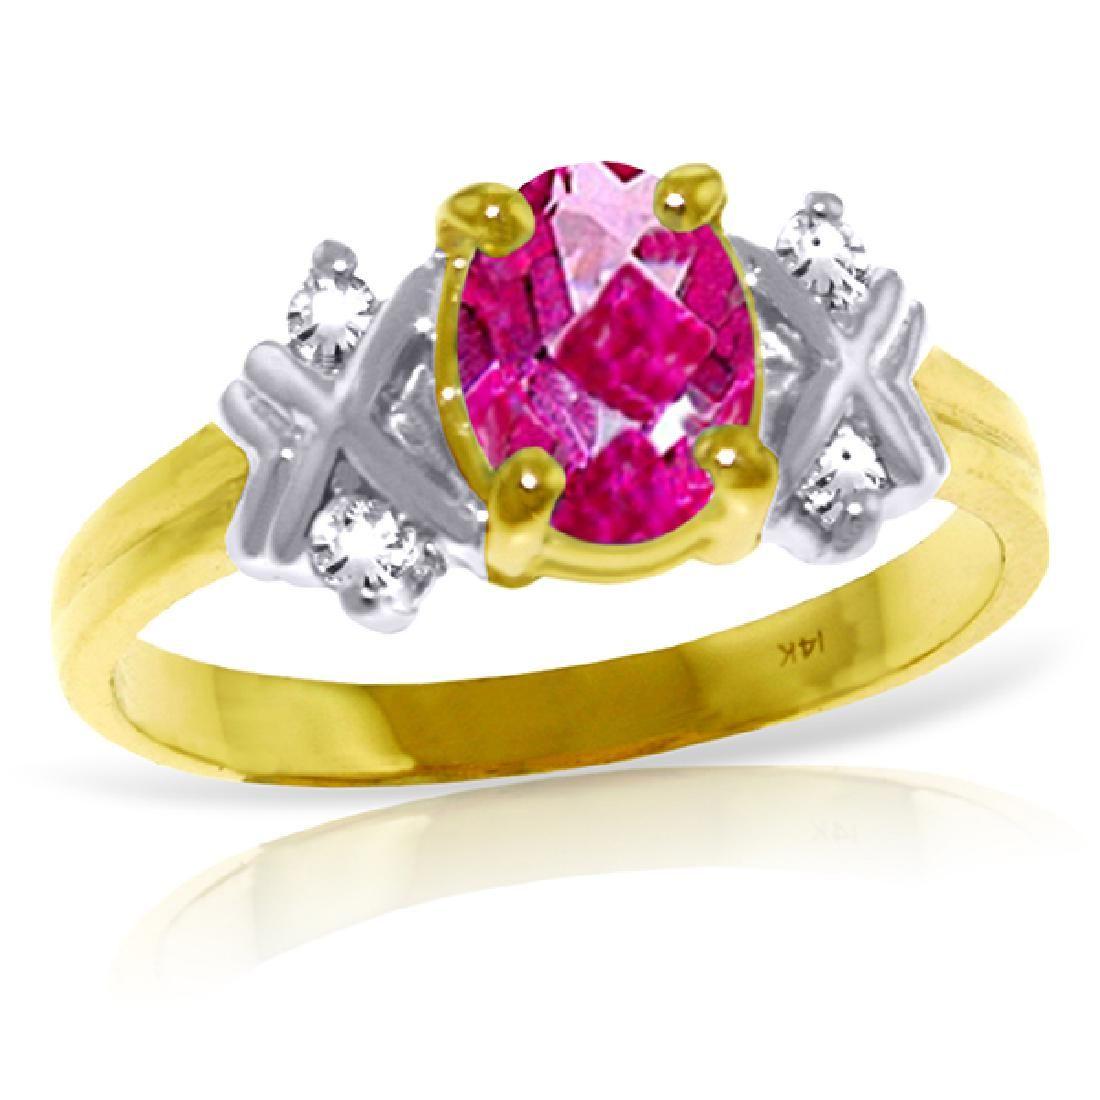 Genuine 097 ctw Pink Topaz Diamond Ring Jewelry 14KT